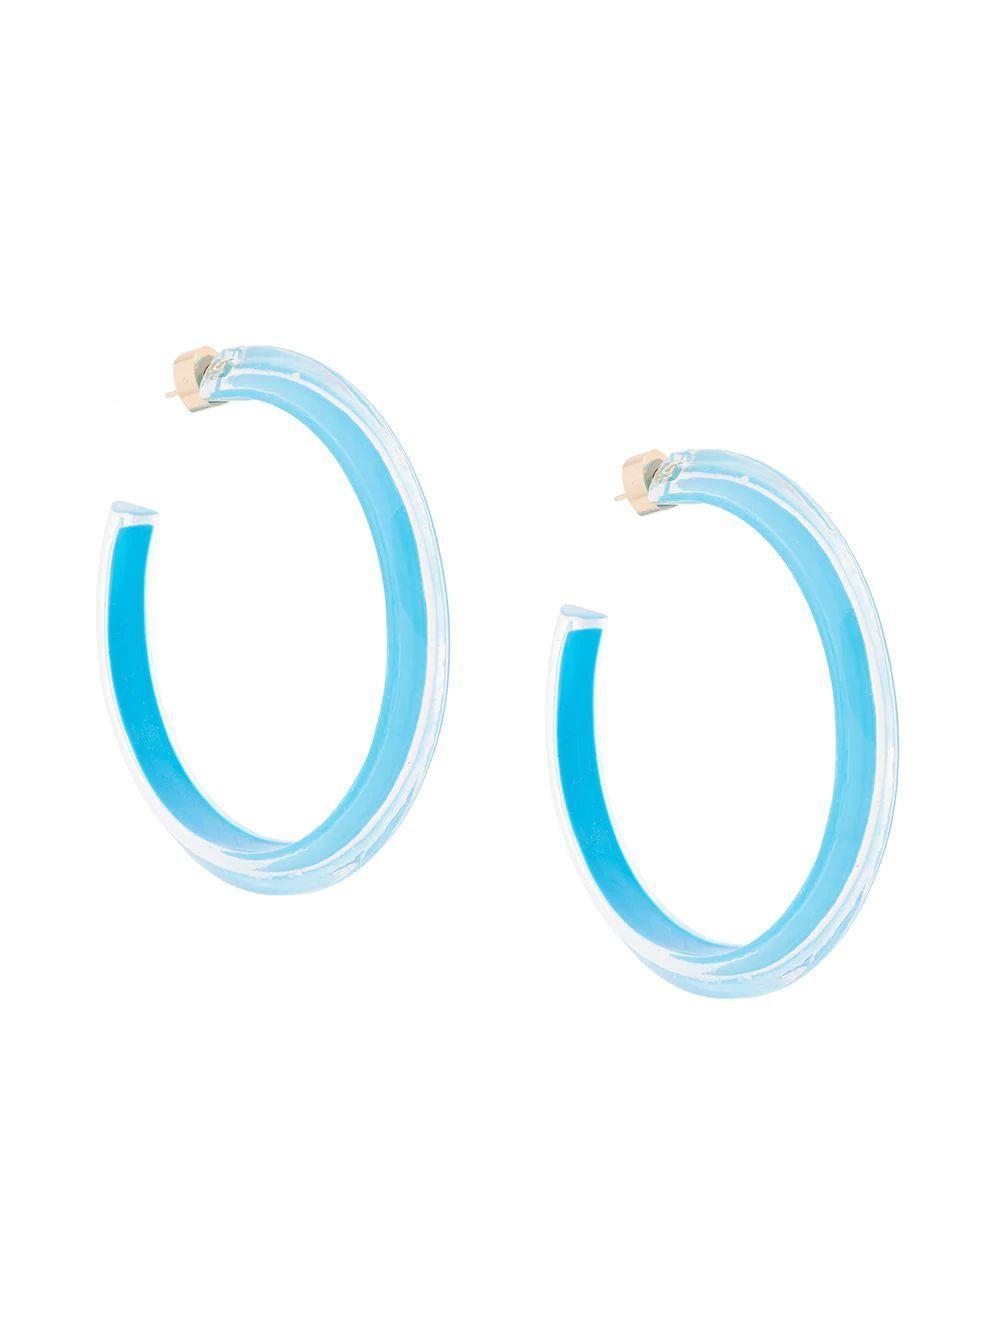 Medium Jelly Hoops Item # JELLYMED-NB